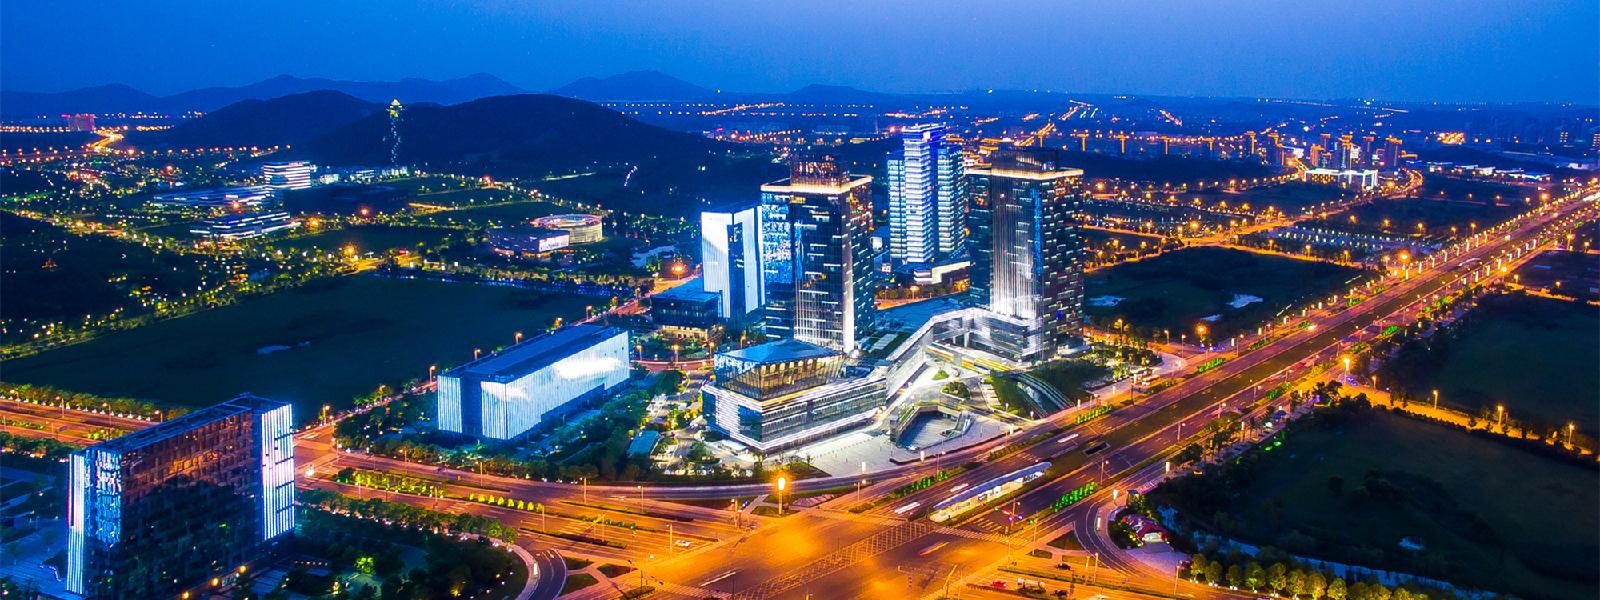 蘇州高新区「第14次5ヵ年計画」発表